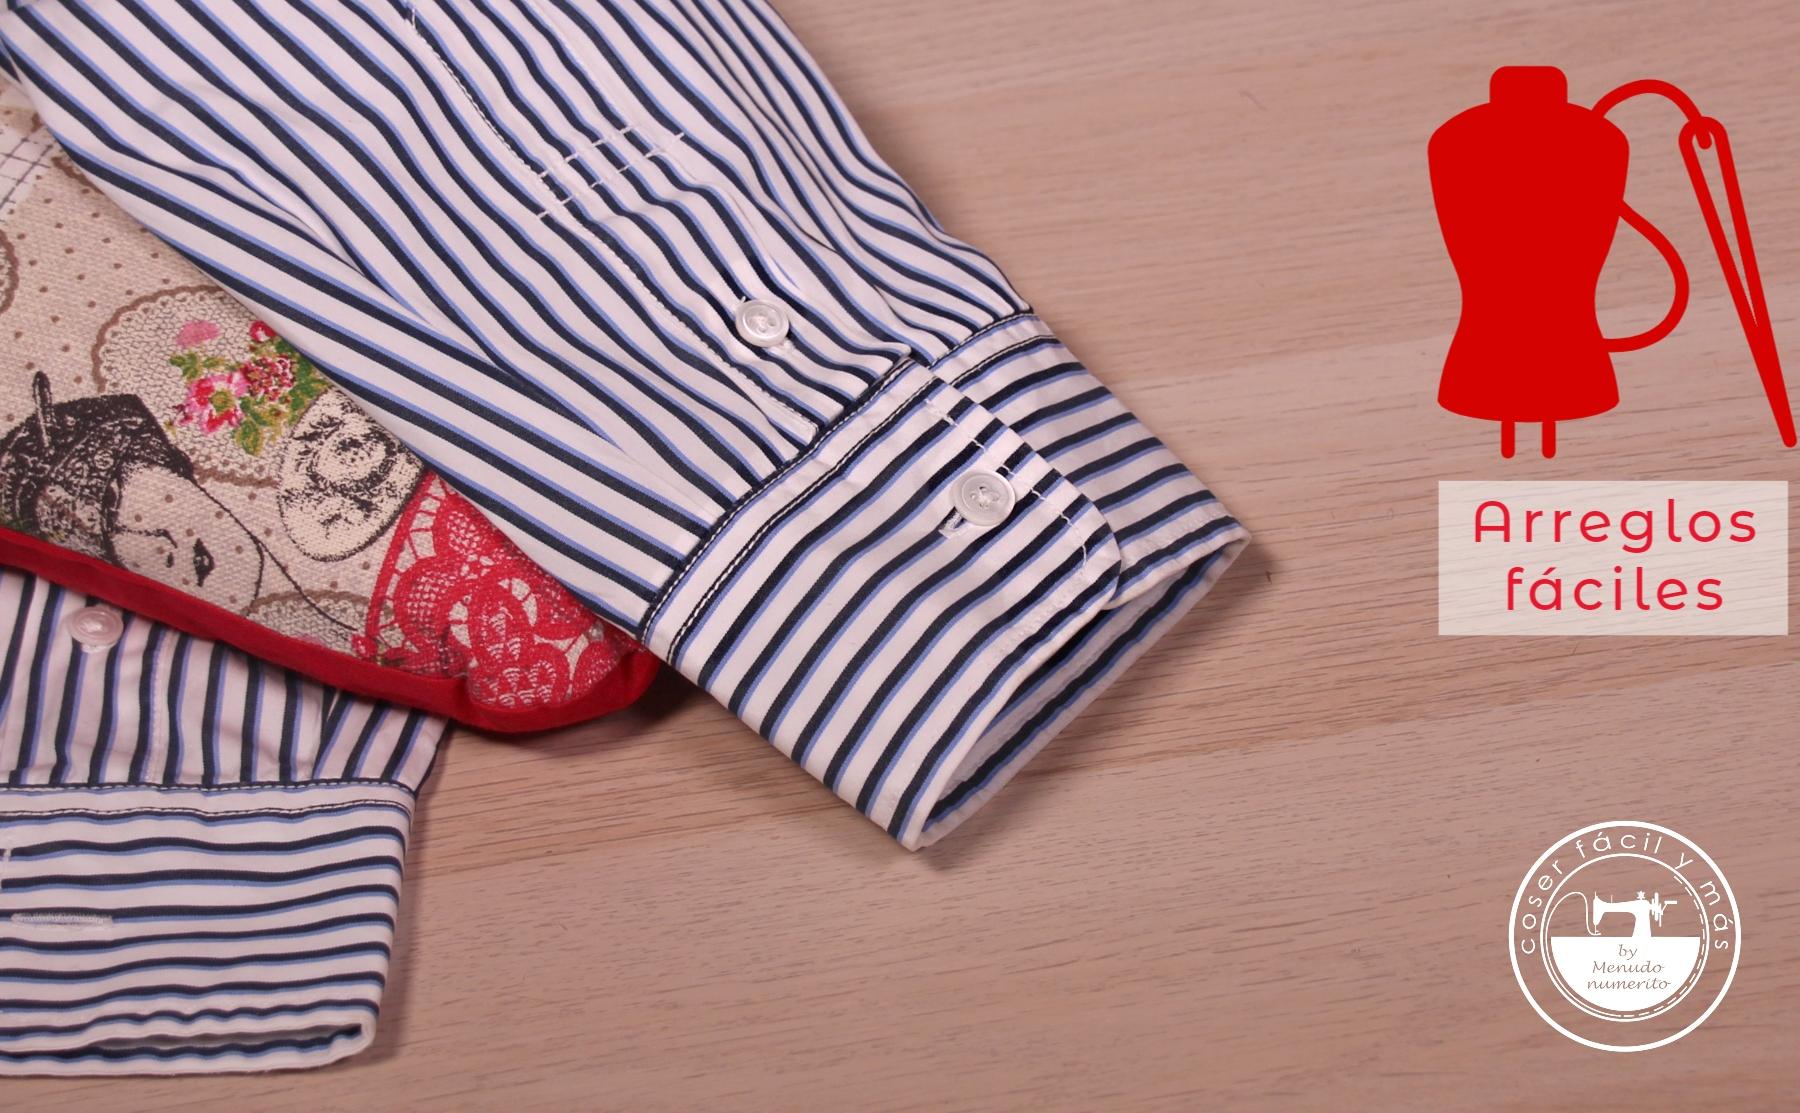 acortar mangas camisa menudo numerito arreglos de costura